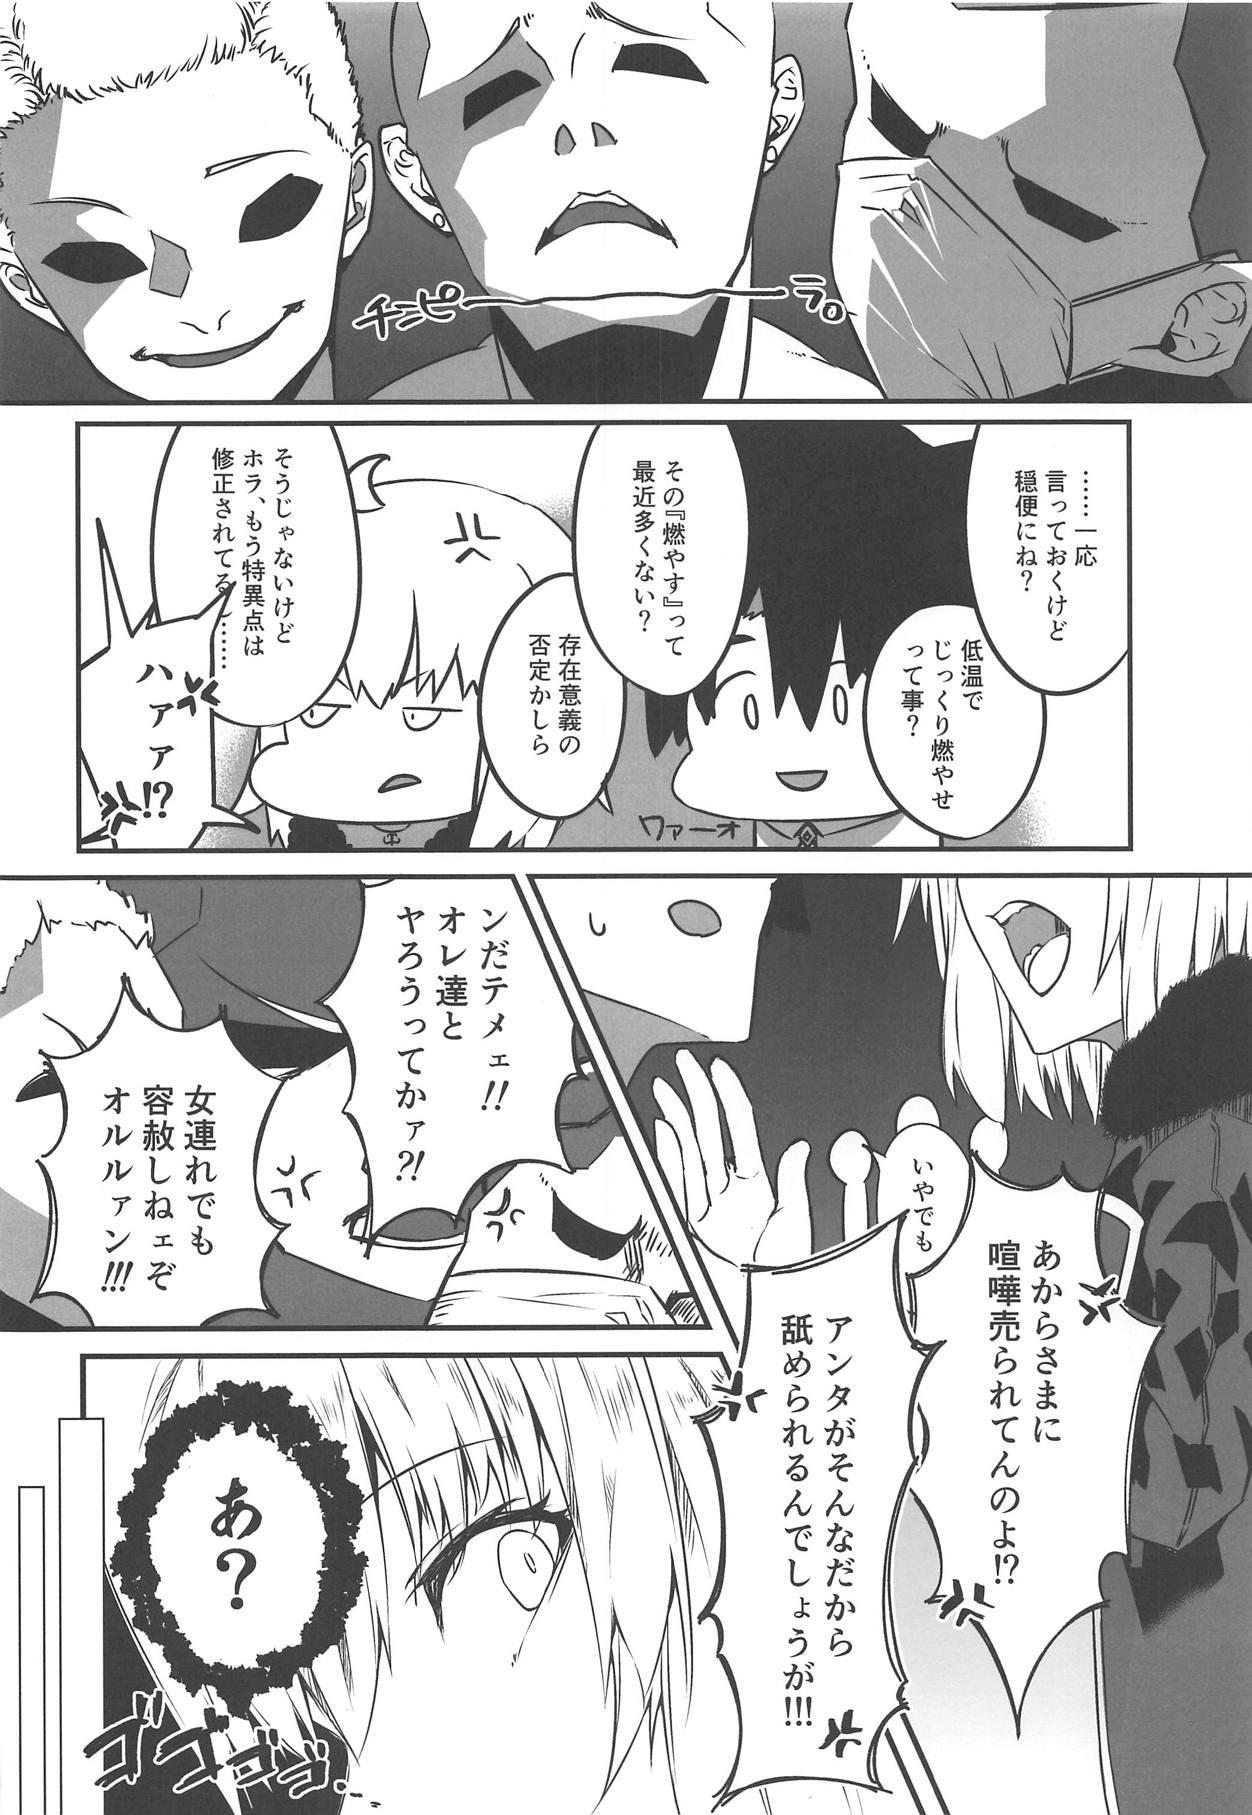 Seijo no Neyagoto 4